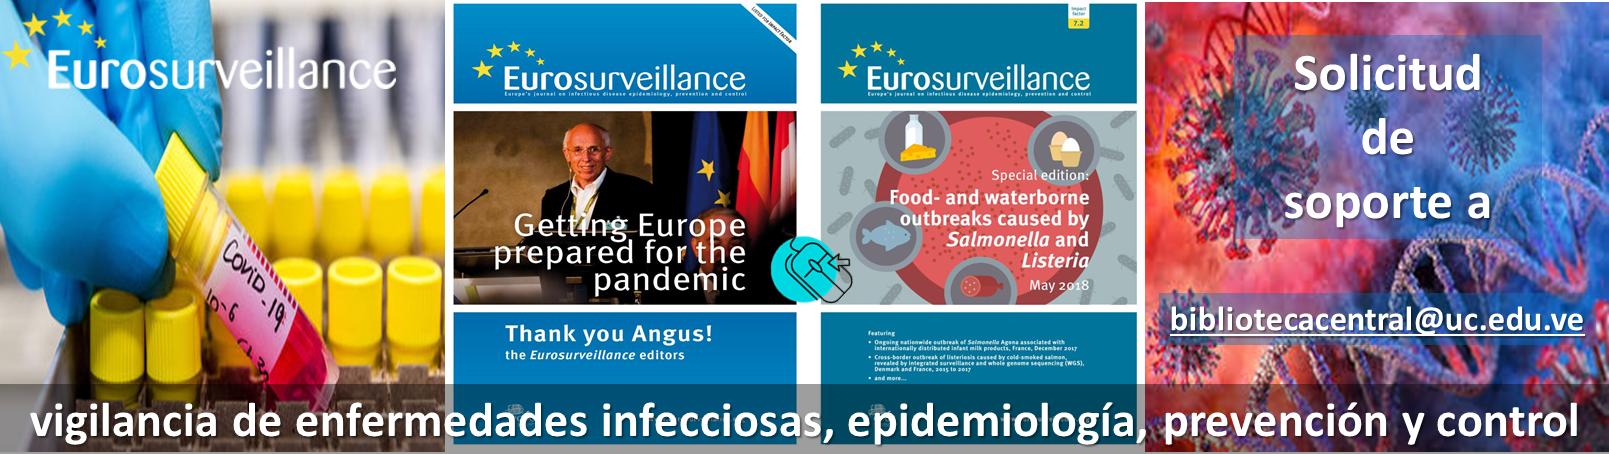 @Eurosurveillanc. Plataforma de acceso abierto: vigilancia, prevención y control de enfermedades transmisibles